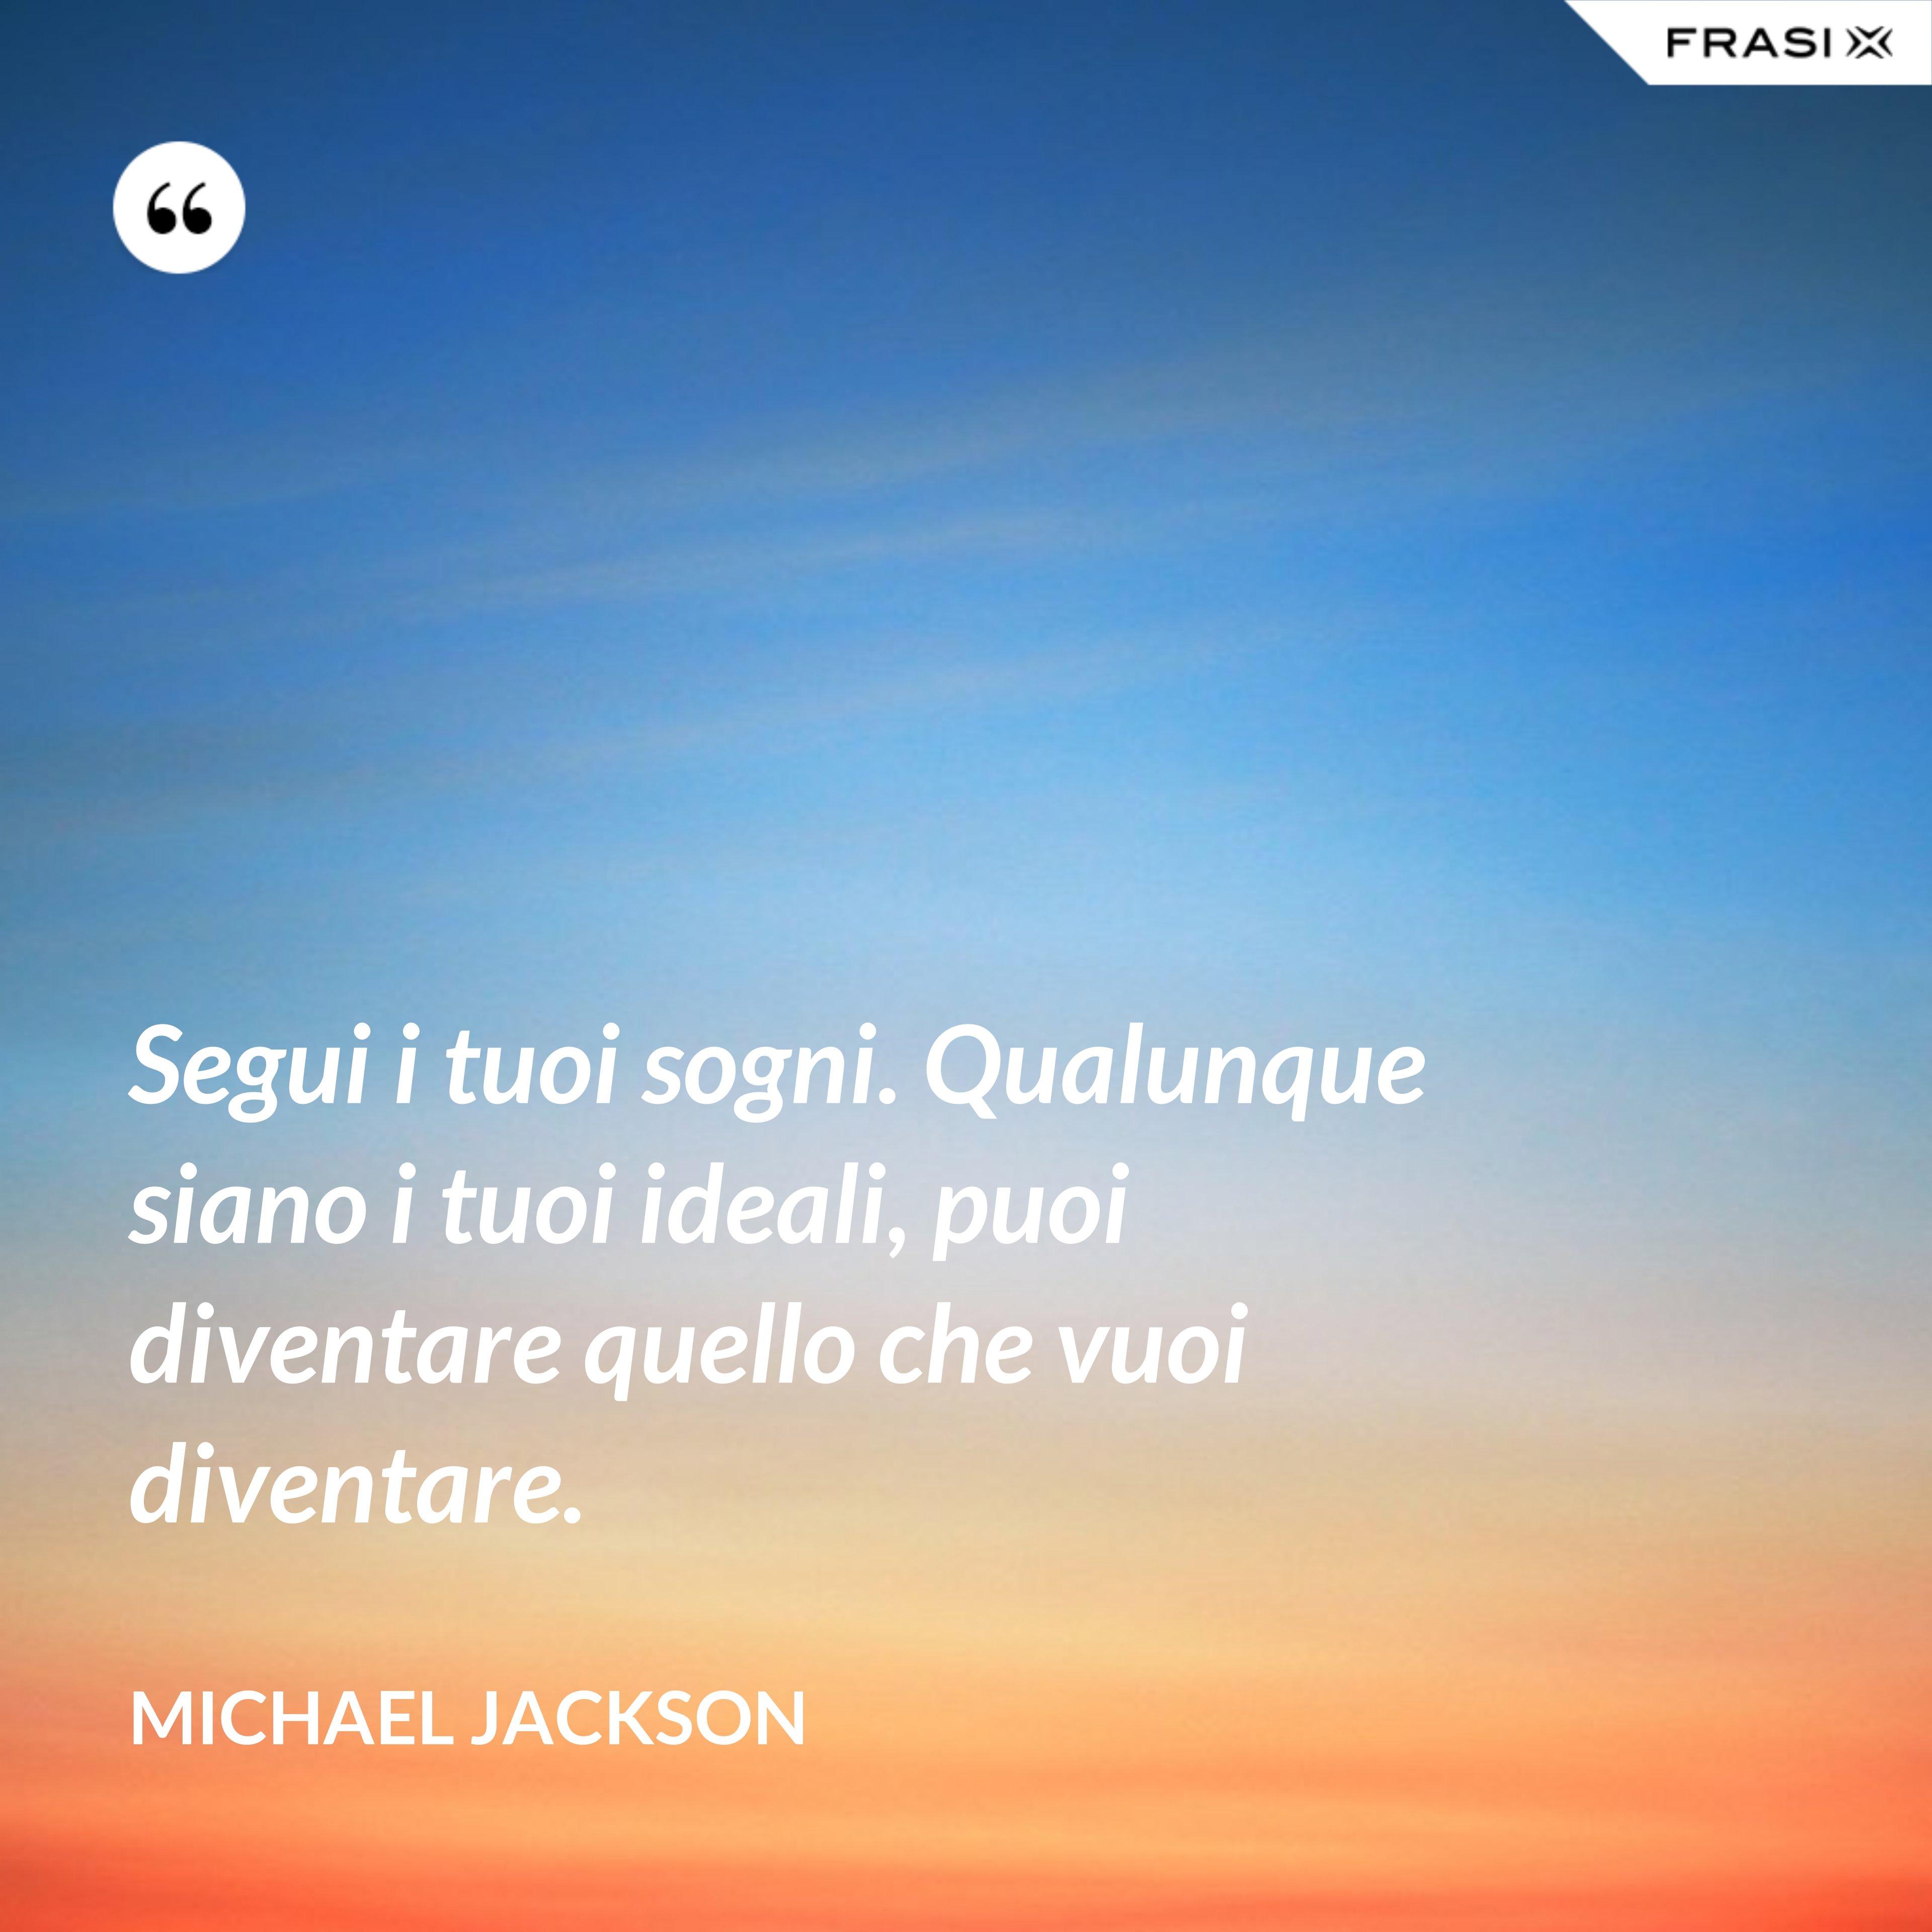 Segui i tuoi sogni. Qualunque siano i tuoi ideali, puoi diventare quello che vuoi diventare. - Michael Jackson